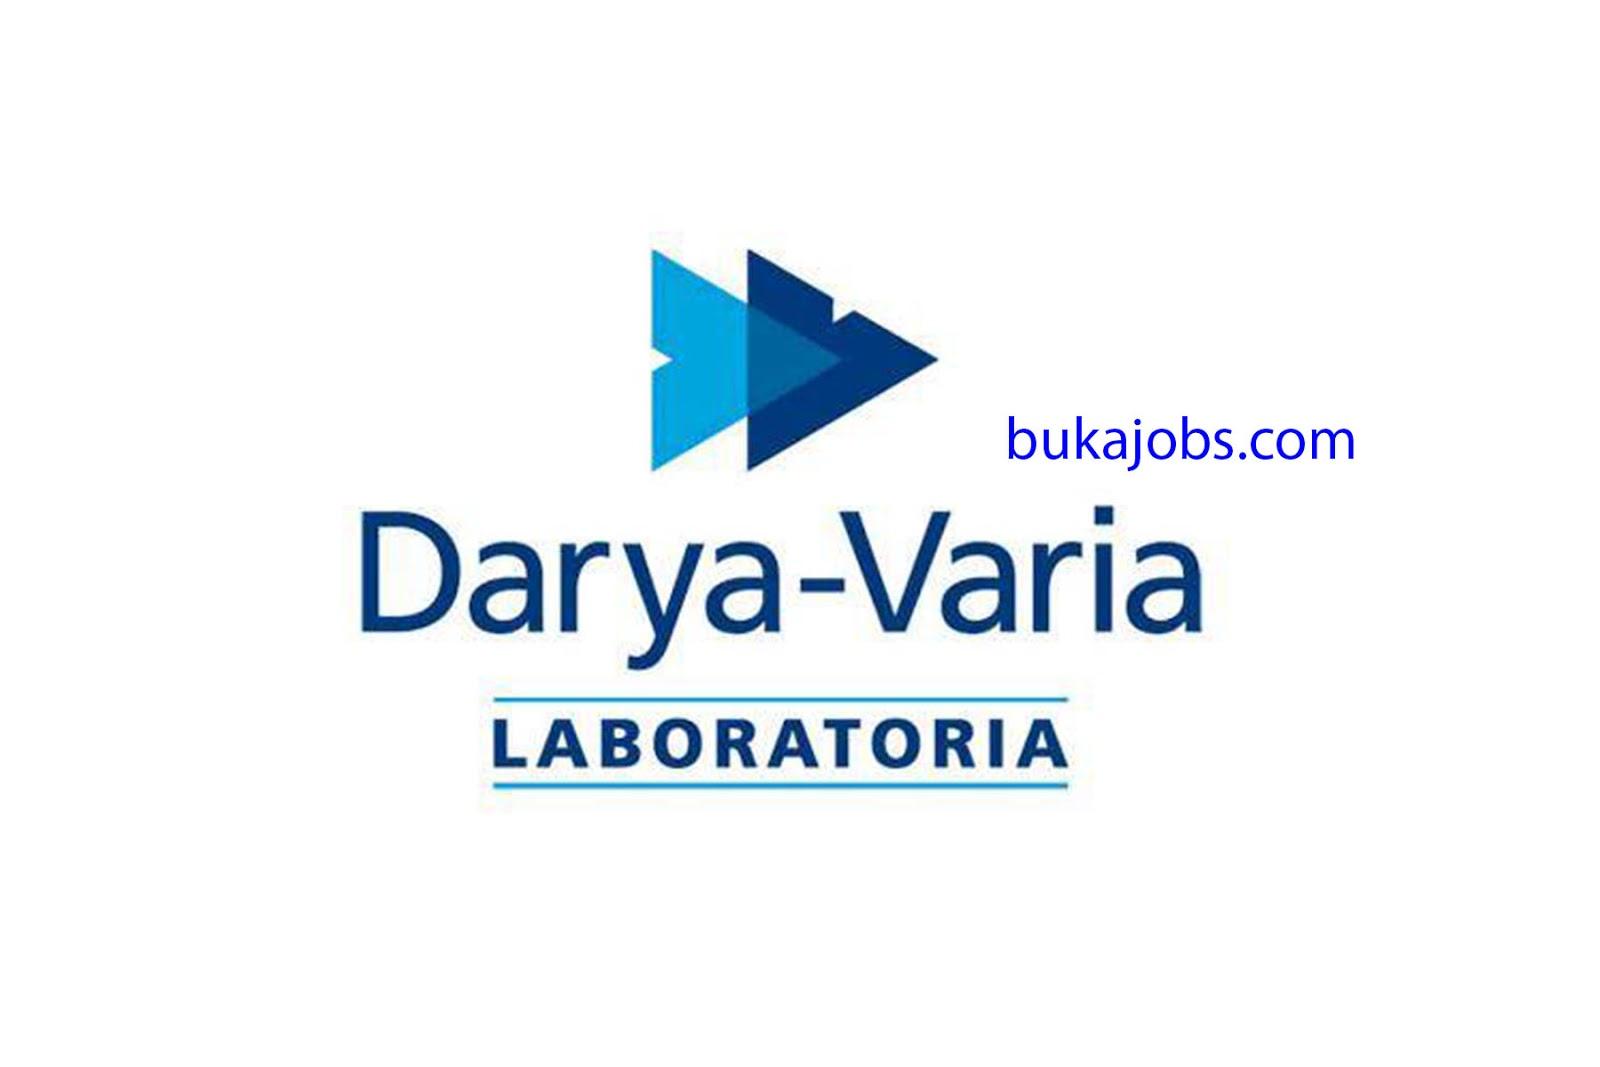 Lowongan Kerja PT. Darya-Varia Laboratoria Tbk 2019